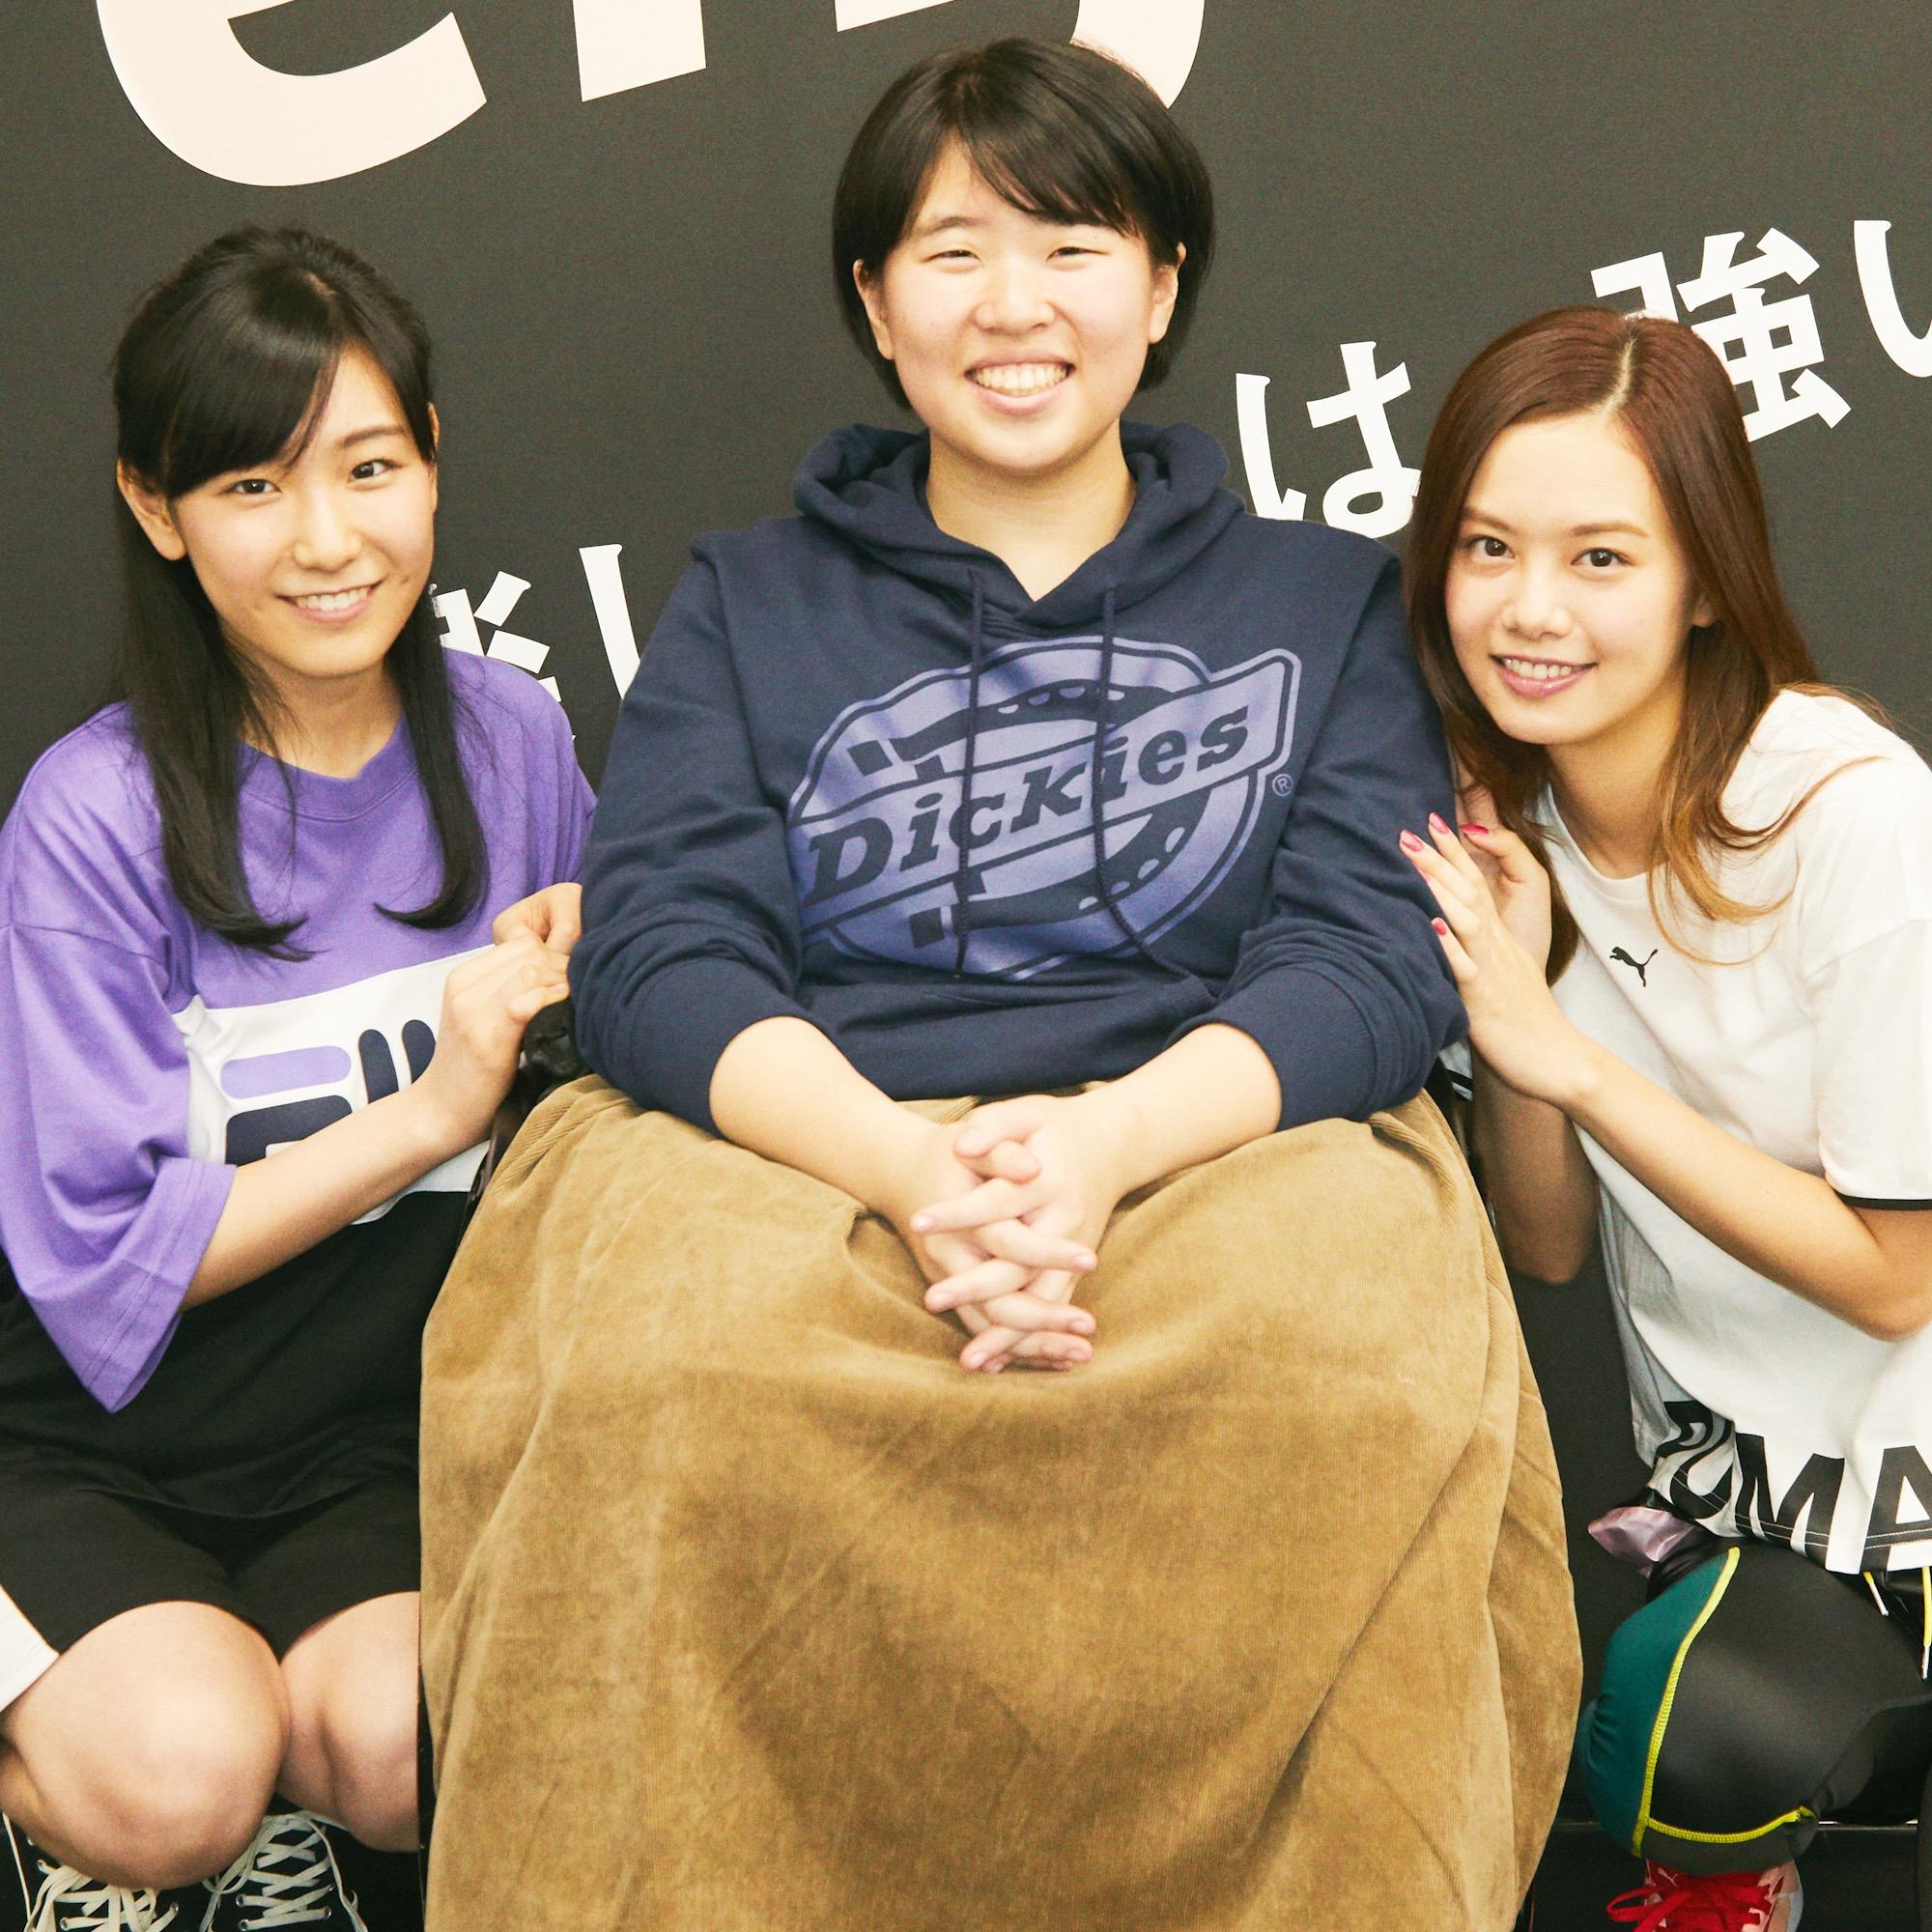 パラ・パワーリフティング森﨑可林さんを泉はるが応援!